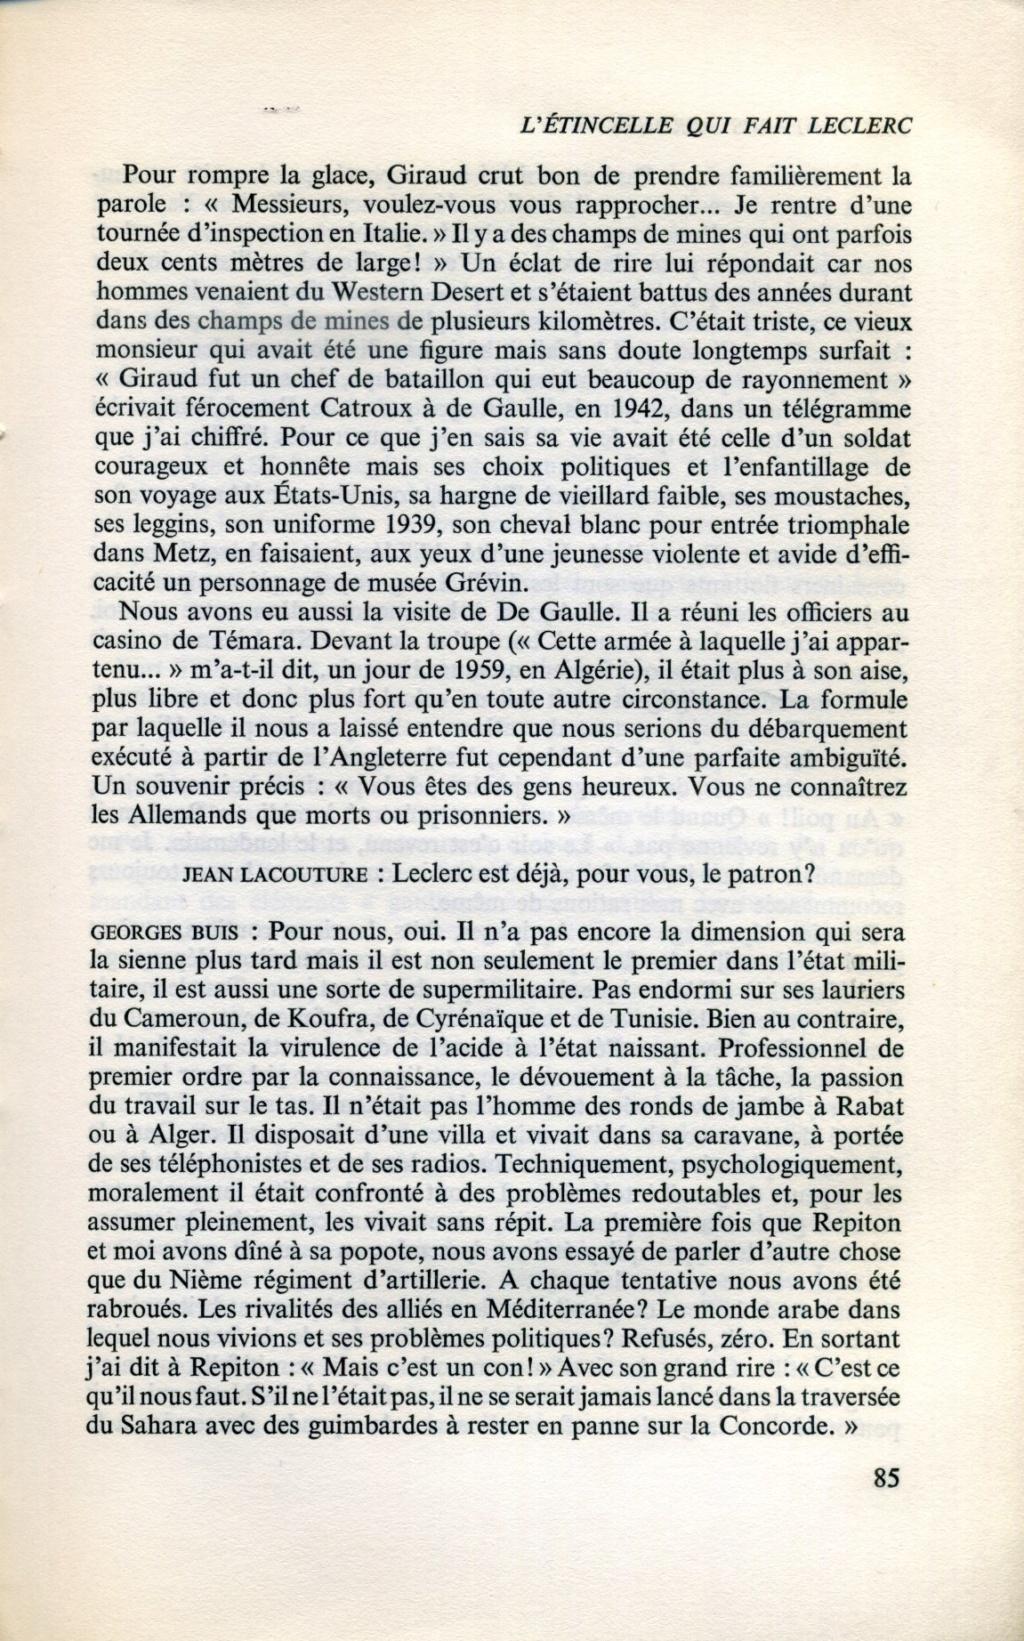 Georges Buis les fanfares perdues Les_fa33